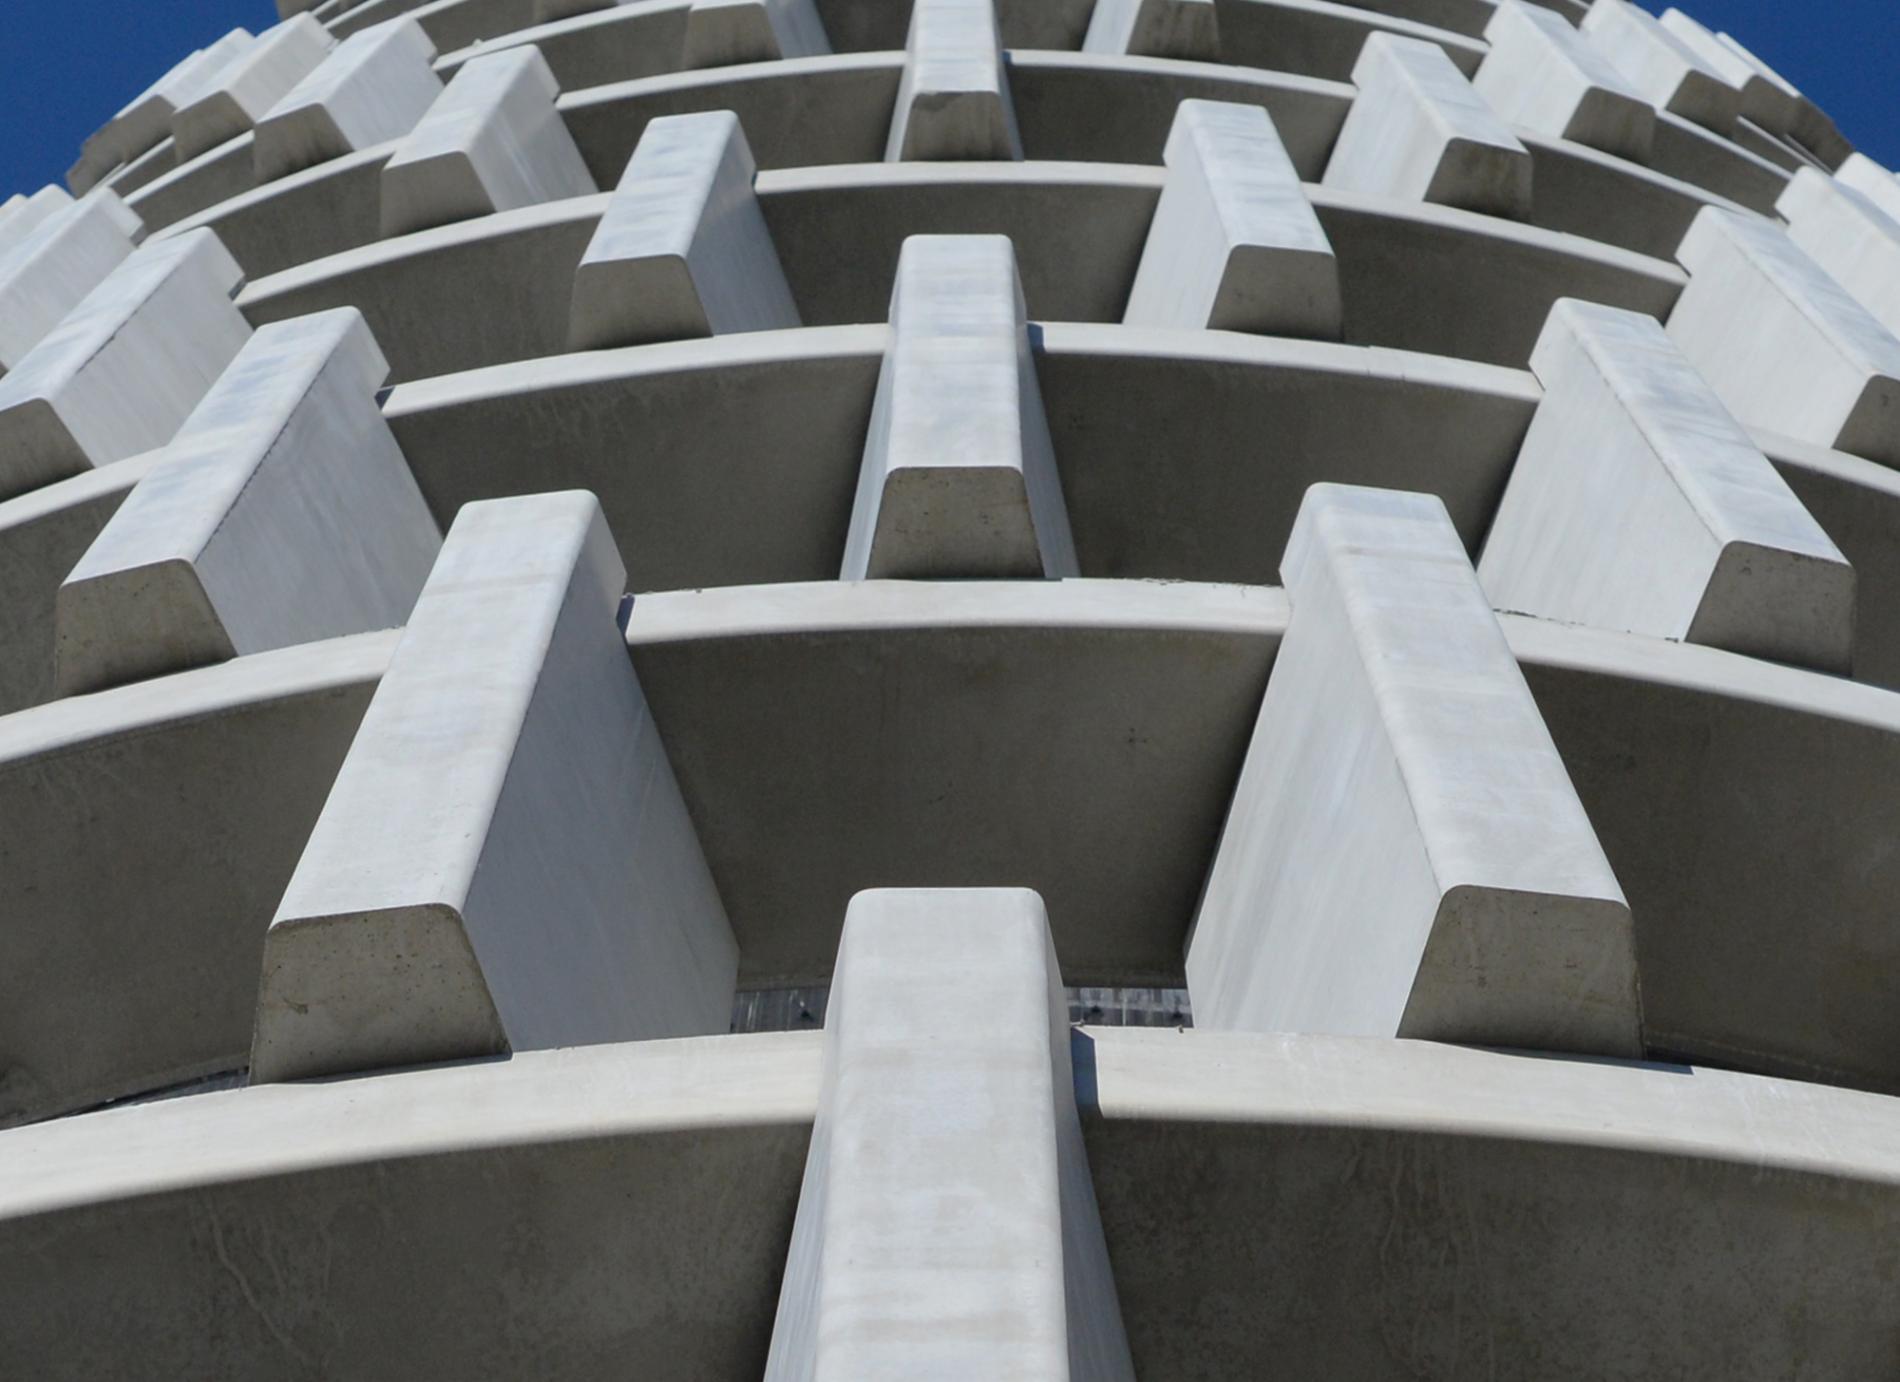 Structure en béton de la tour radar, Plateau de Saclay, T/E/S/S atelier d'ingénierie